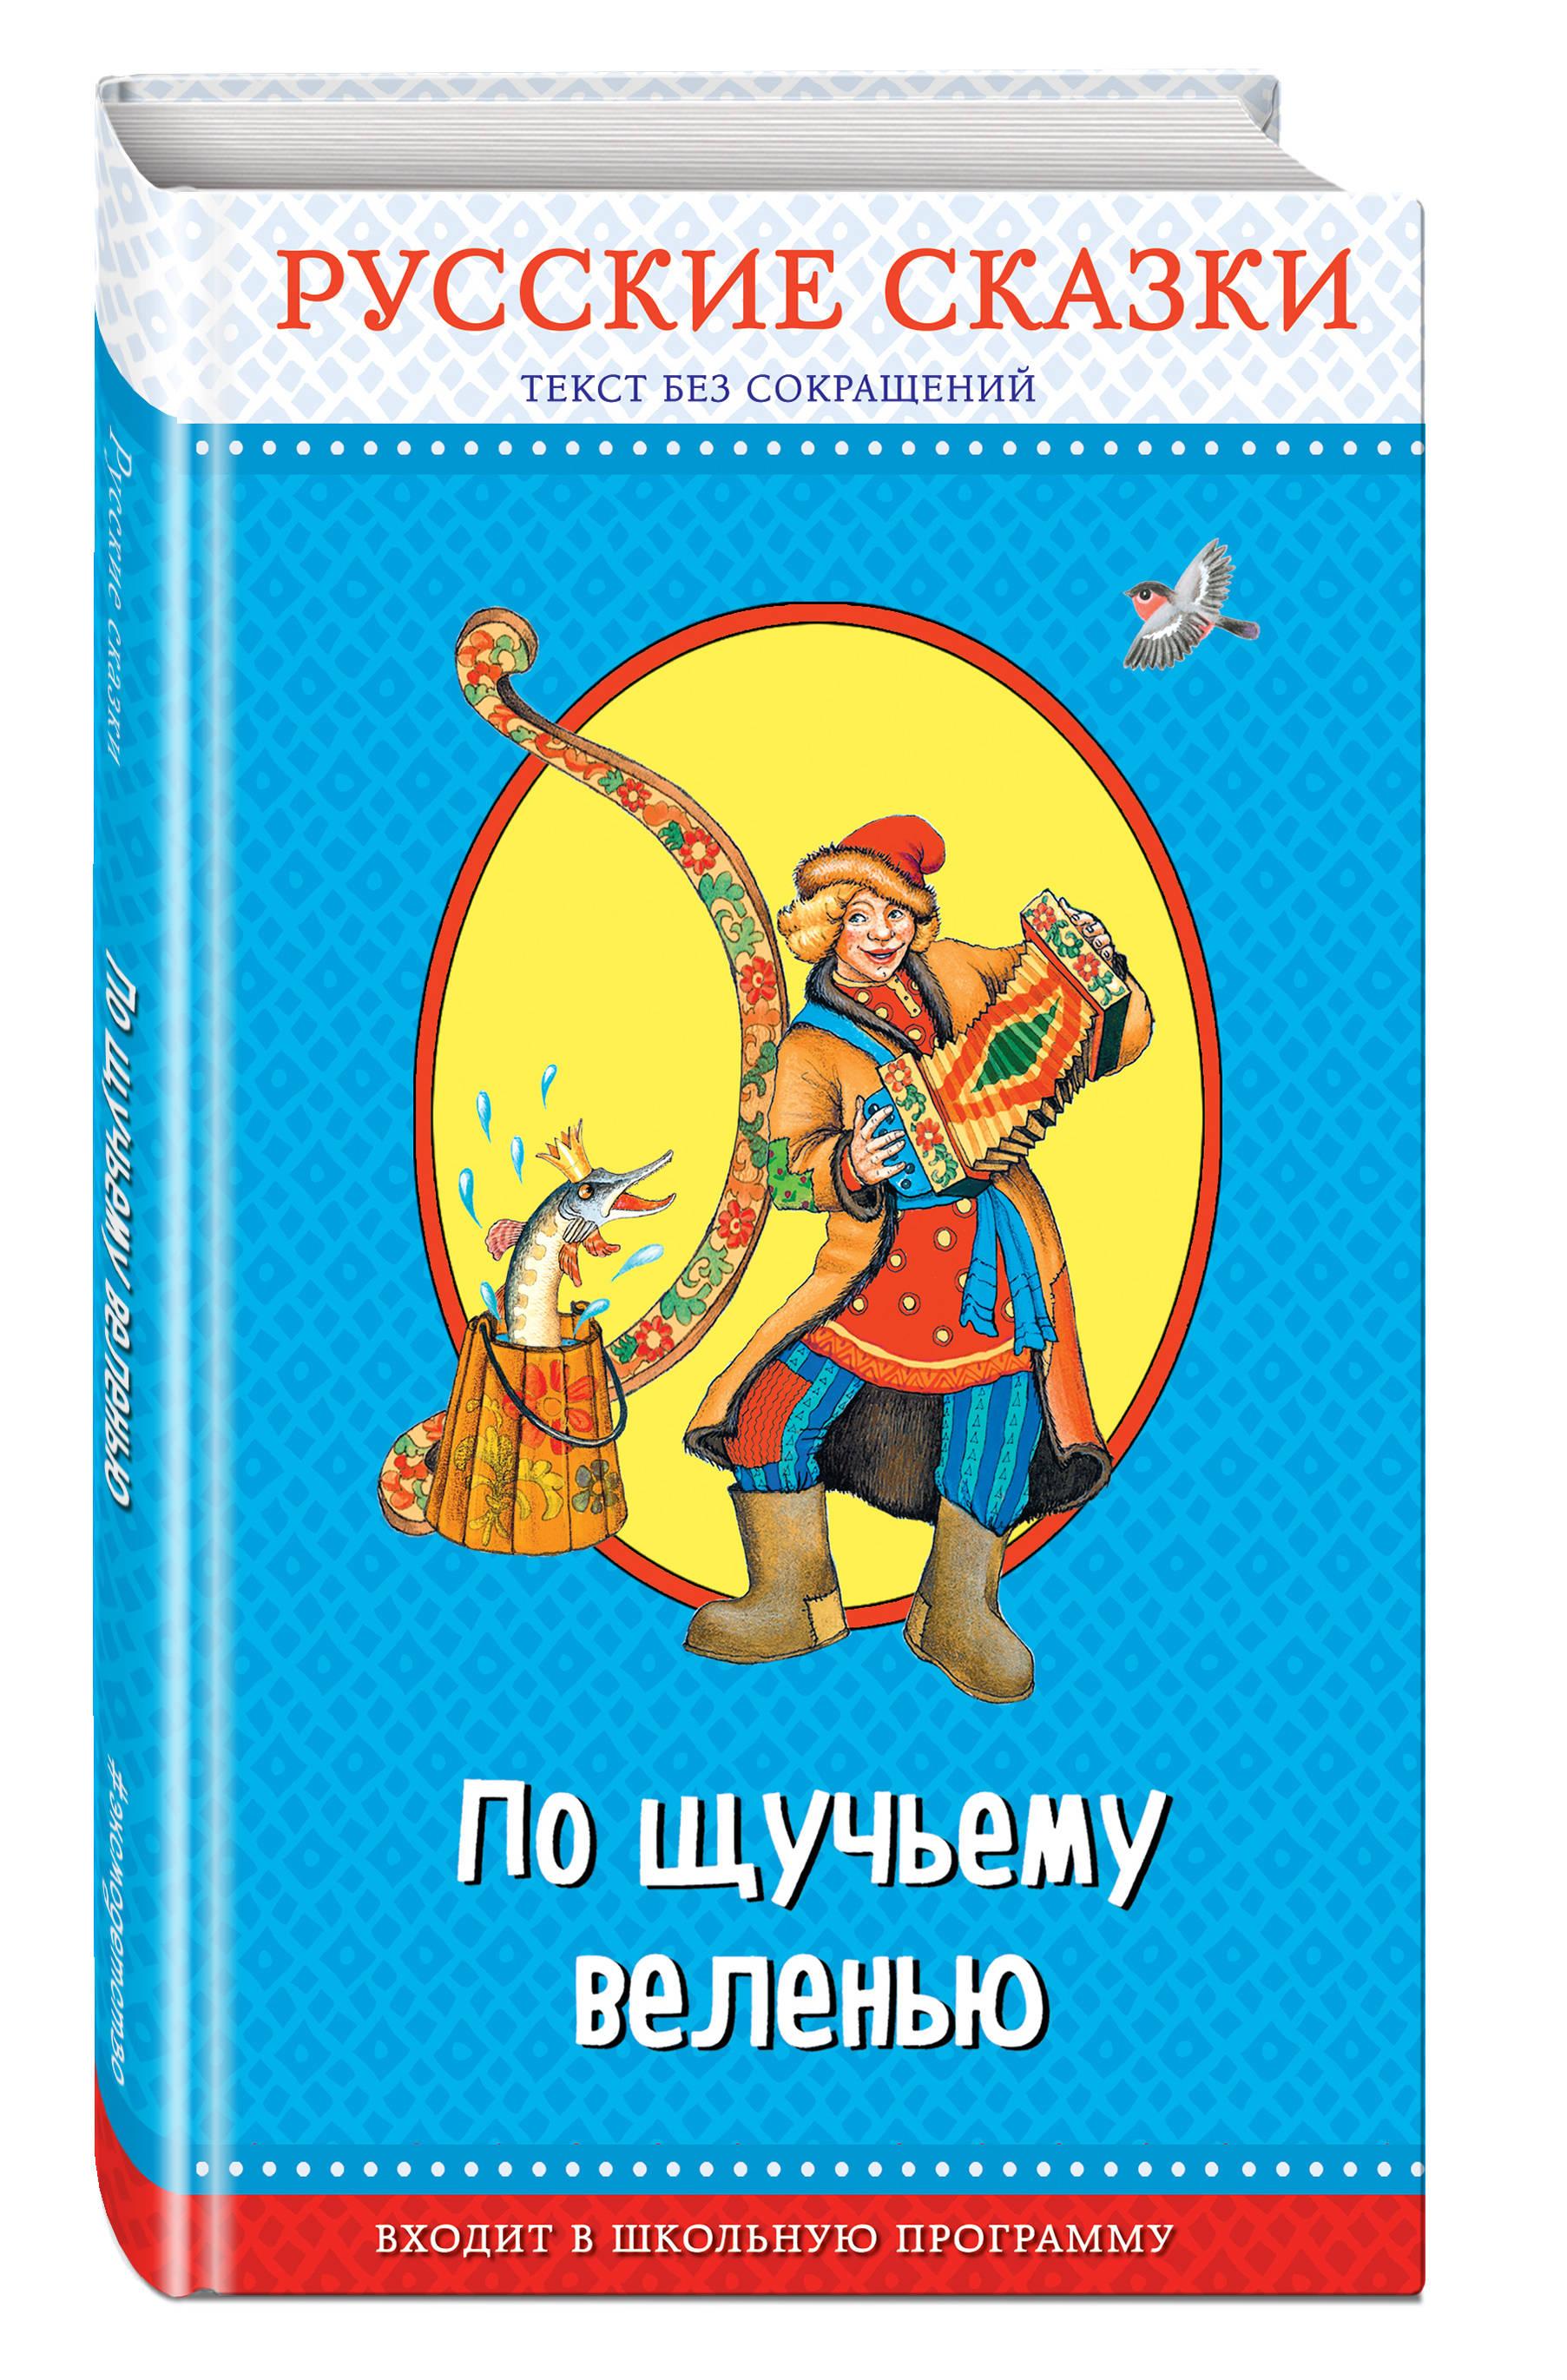 По щучьему веленью. Русские сказки кожедуб в отв ред по щучьему веленью русские сказки